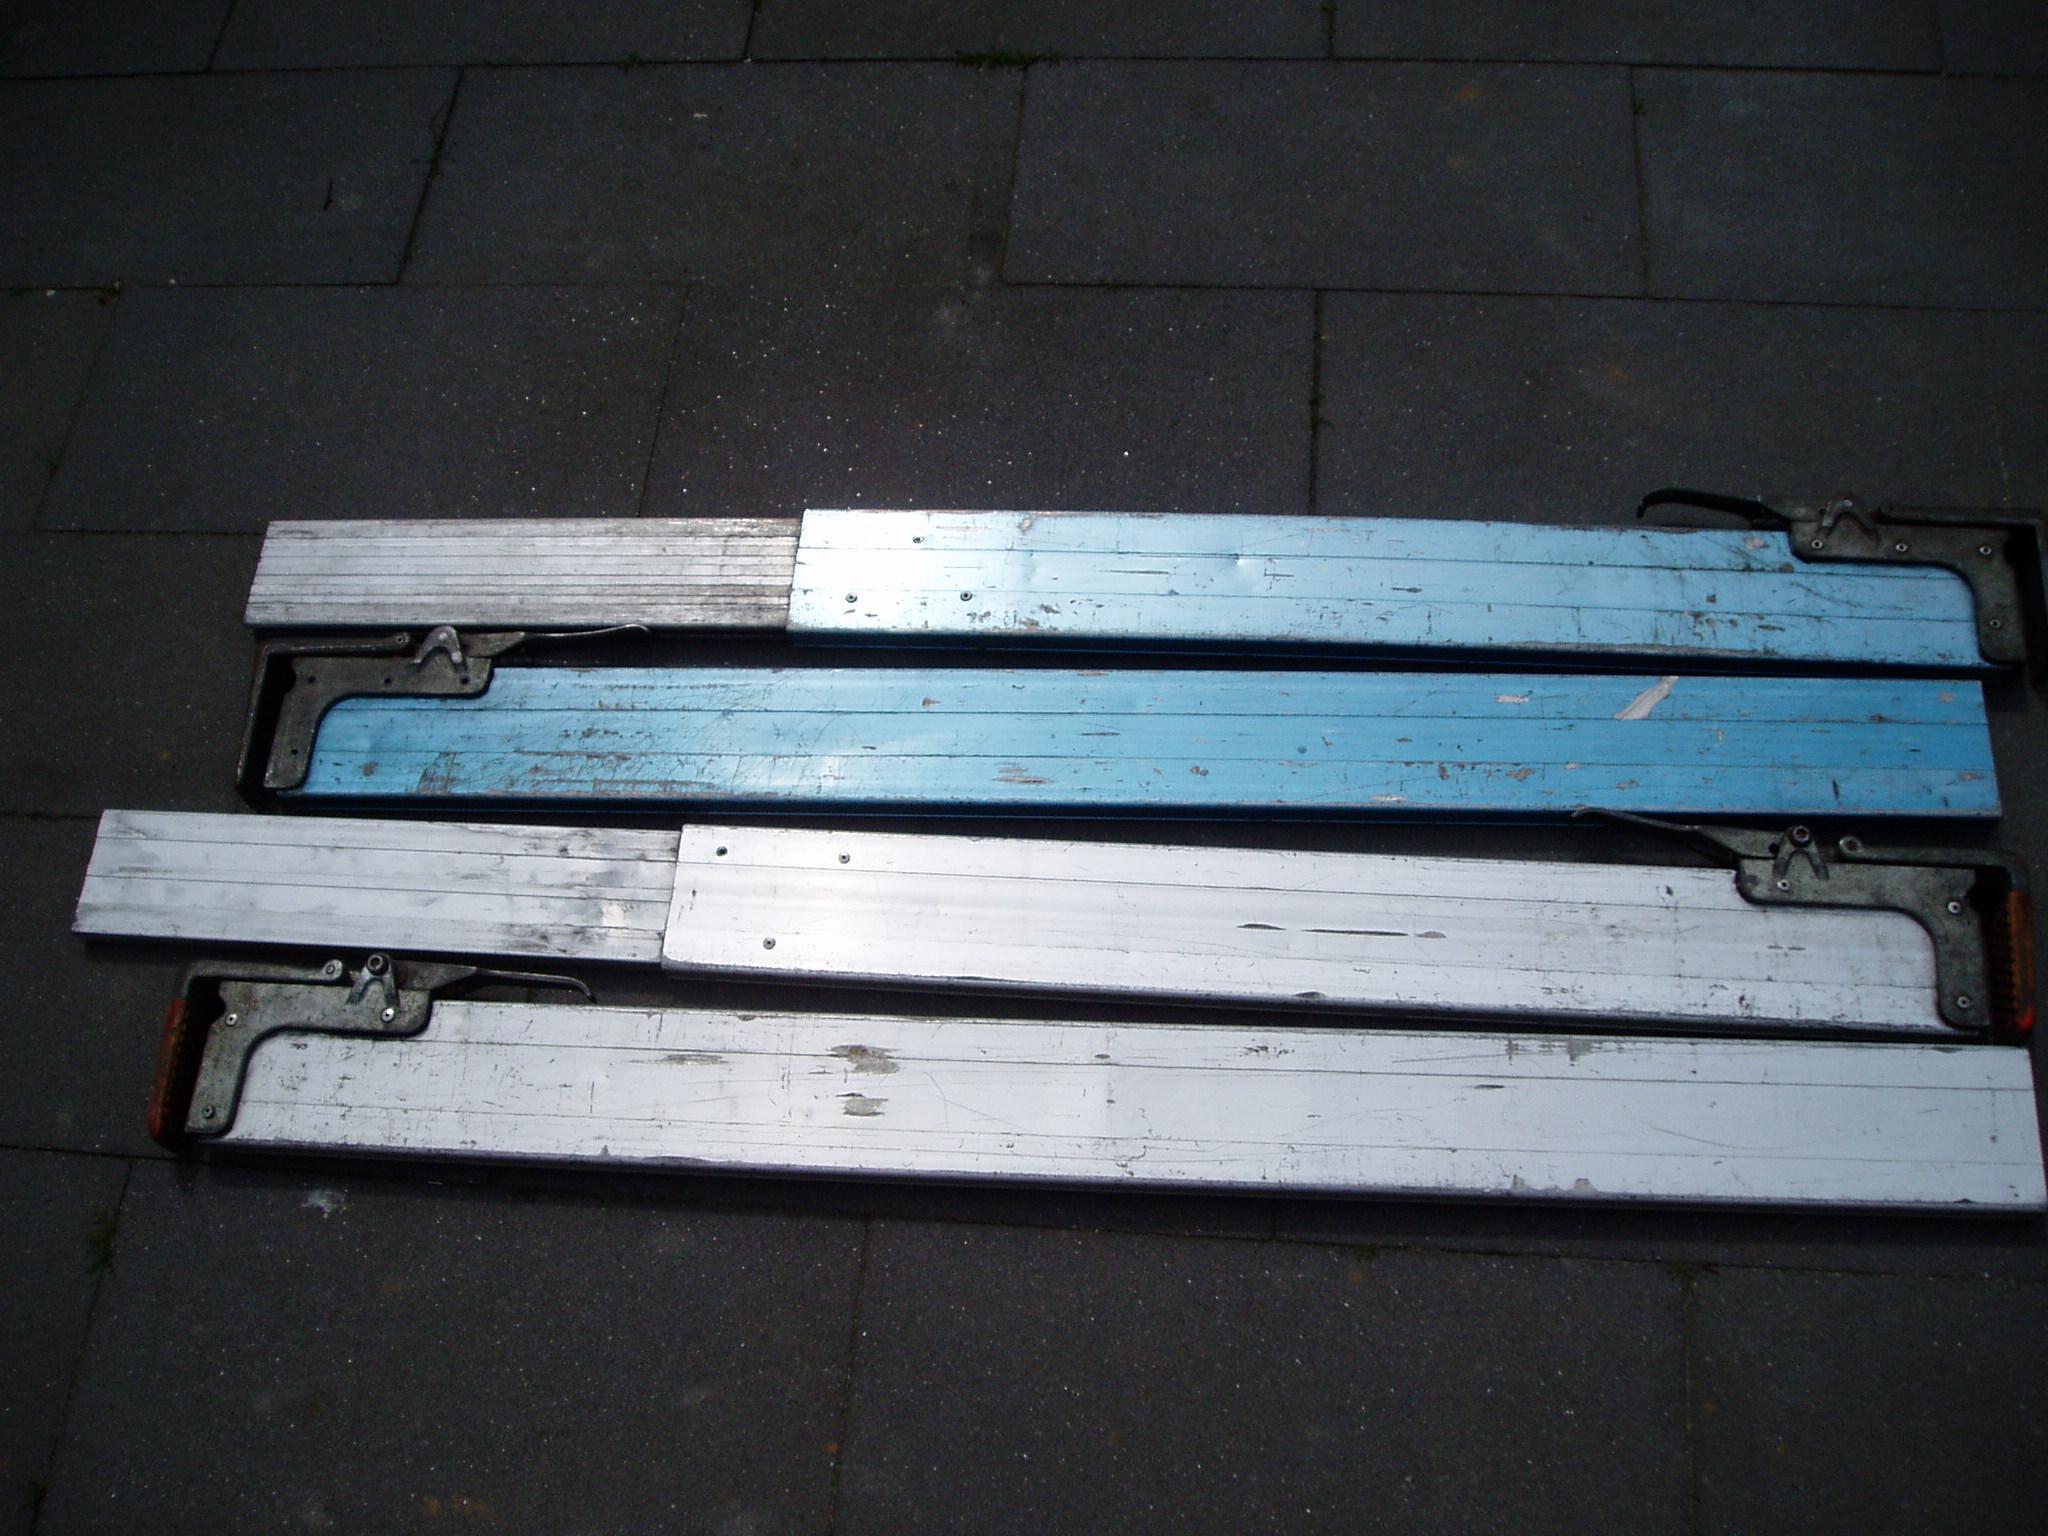 3x cargo vastzet planken